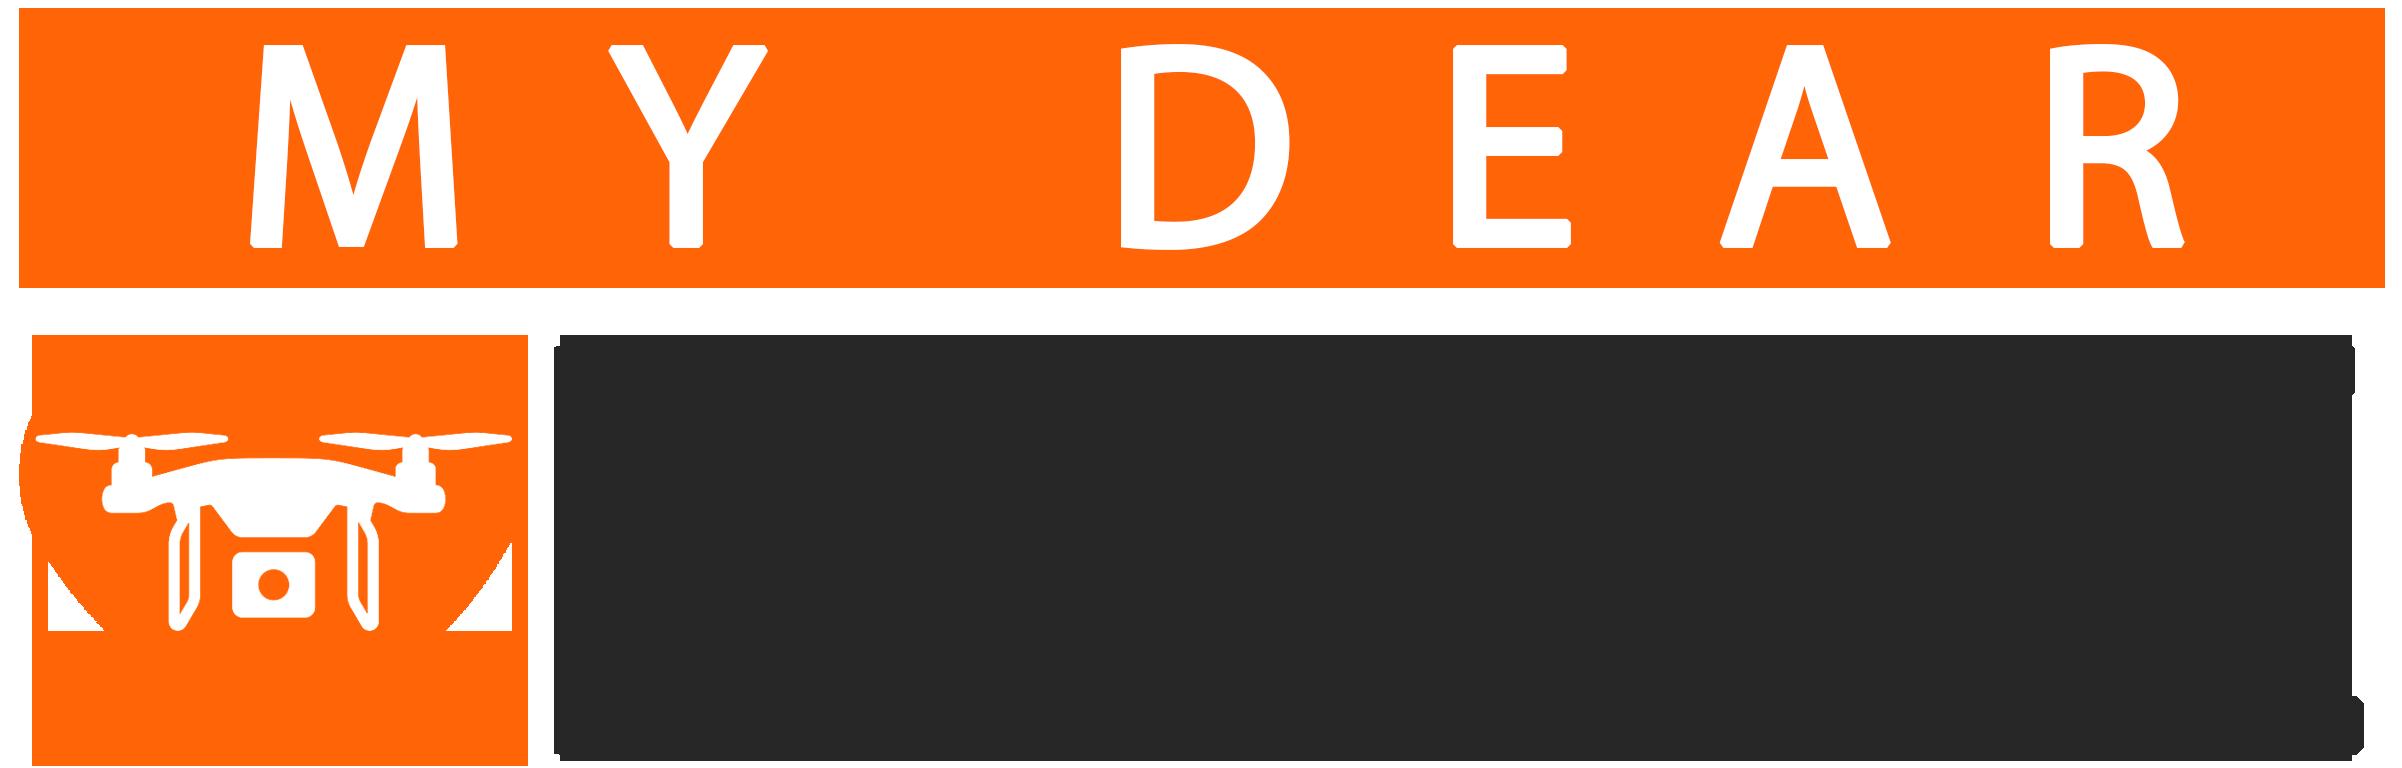 My Dear Drone size 2402 × 768